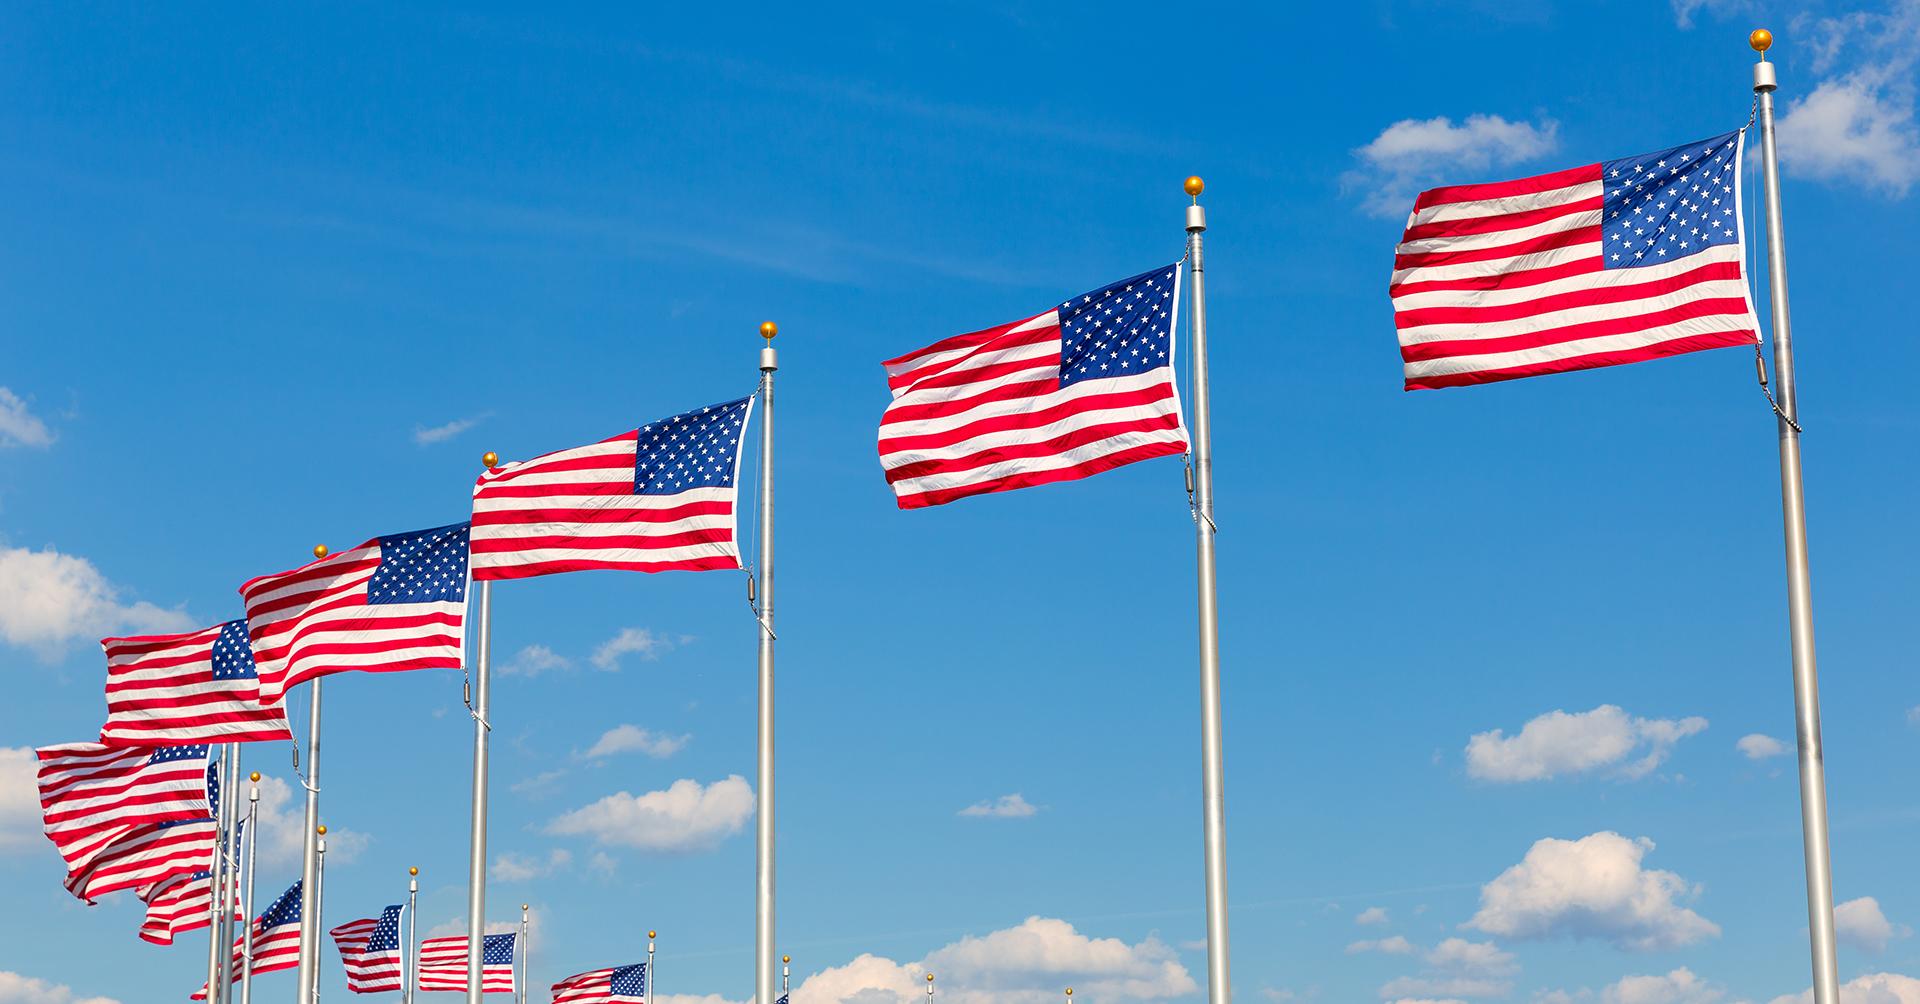 Sebasigns flagpole